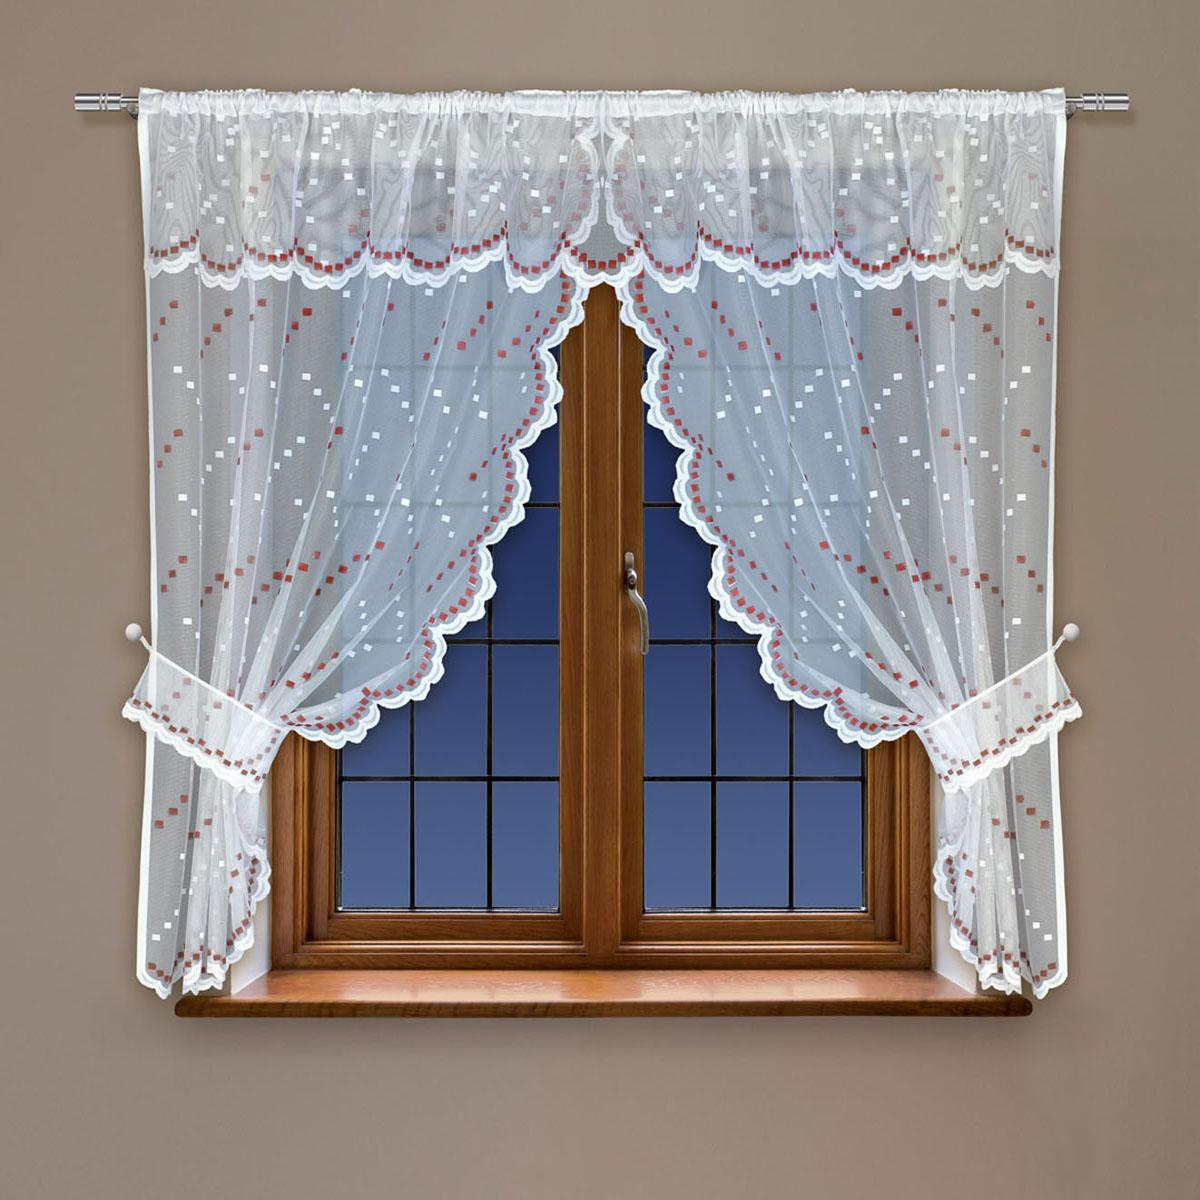 Гардина Haft, на кулиске, цвет: белый, красный, высота 91 см. 22841010370/160Воздушная гардина Haft, выполненная из полиэстера, великолепно украсит любое окно.Изделие имеет оригинальный дизайн и органично впишется в интерьер помещения.Гардина крепится на карниз при помощи кулиски.